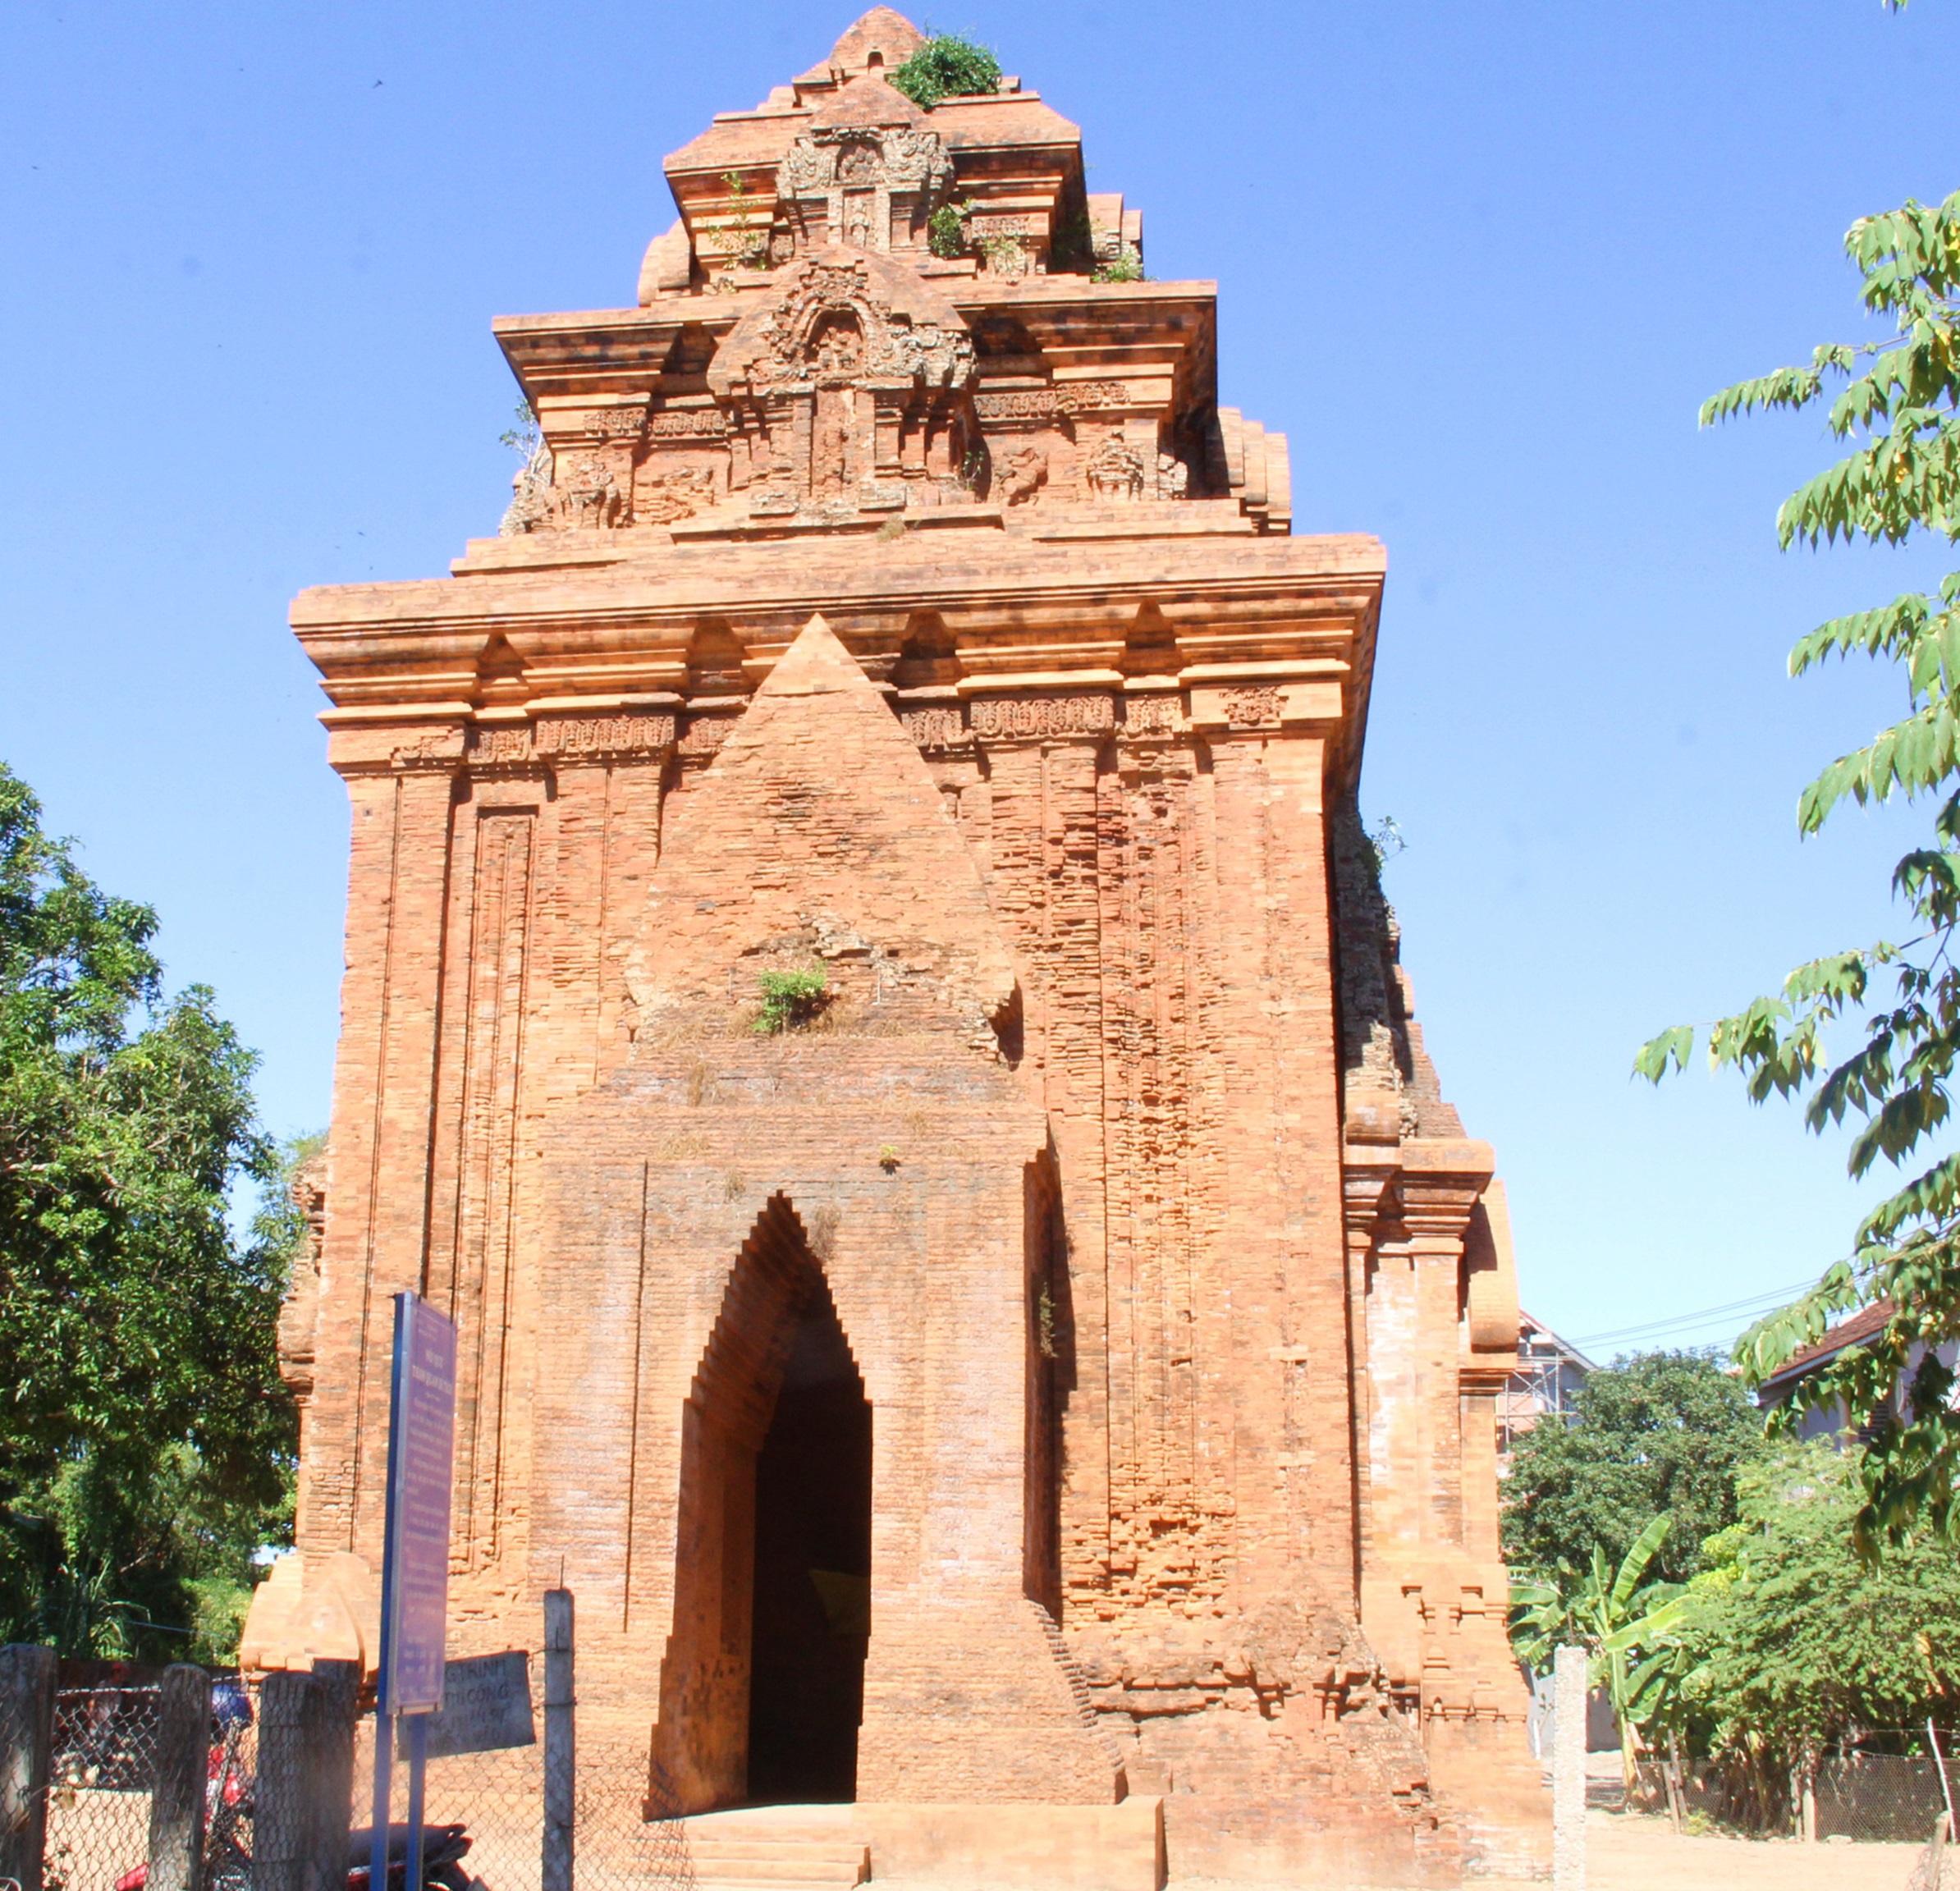 Cụm tháp Chăm ngàn tuổi độc đáo ở Bình Định hút khách check-in - Ảnh 9.